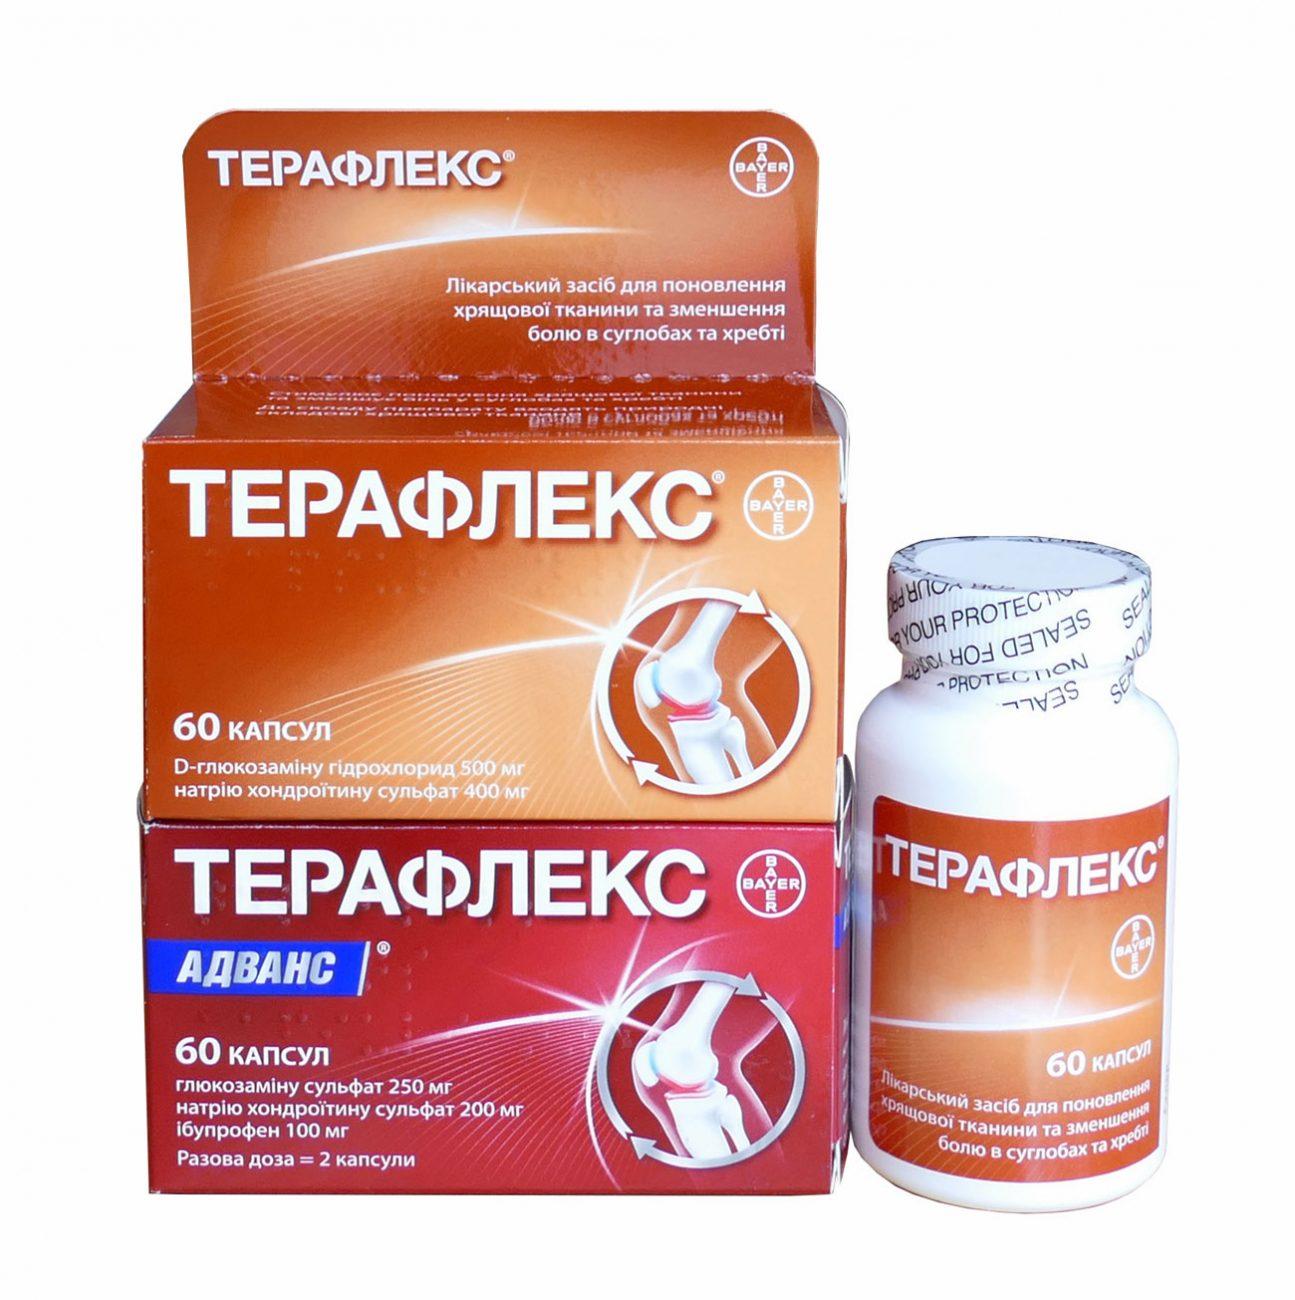 Лекарство от суставной боли терафлекс суставом является соединение